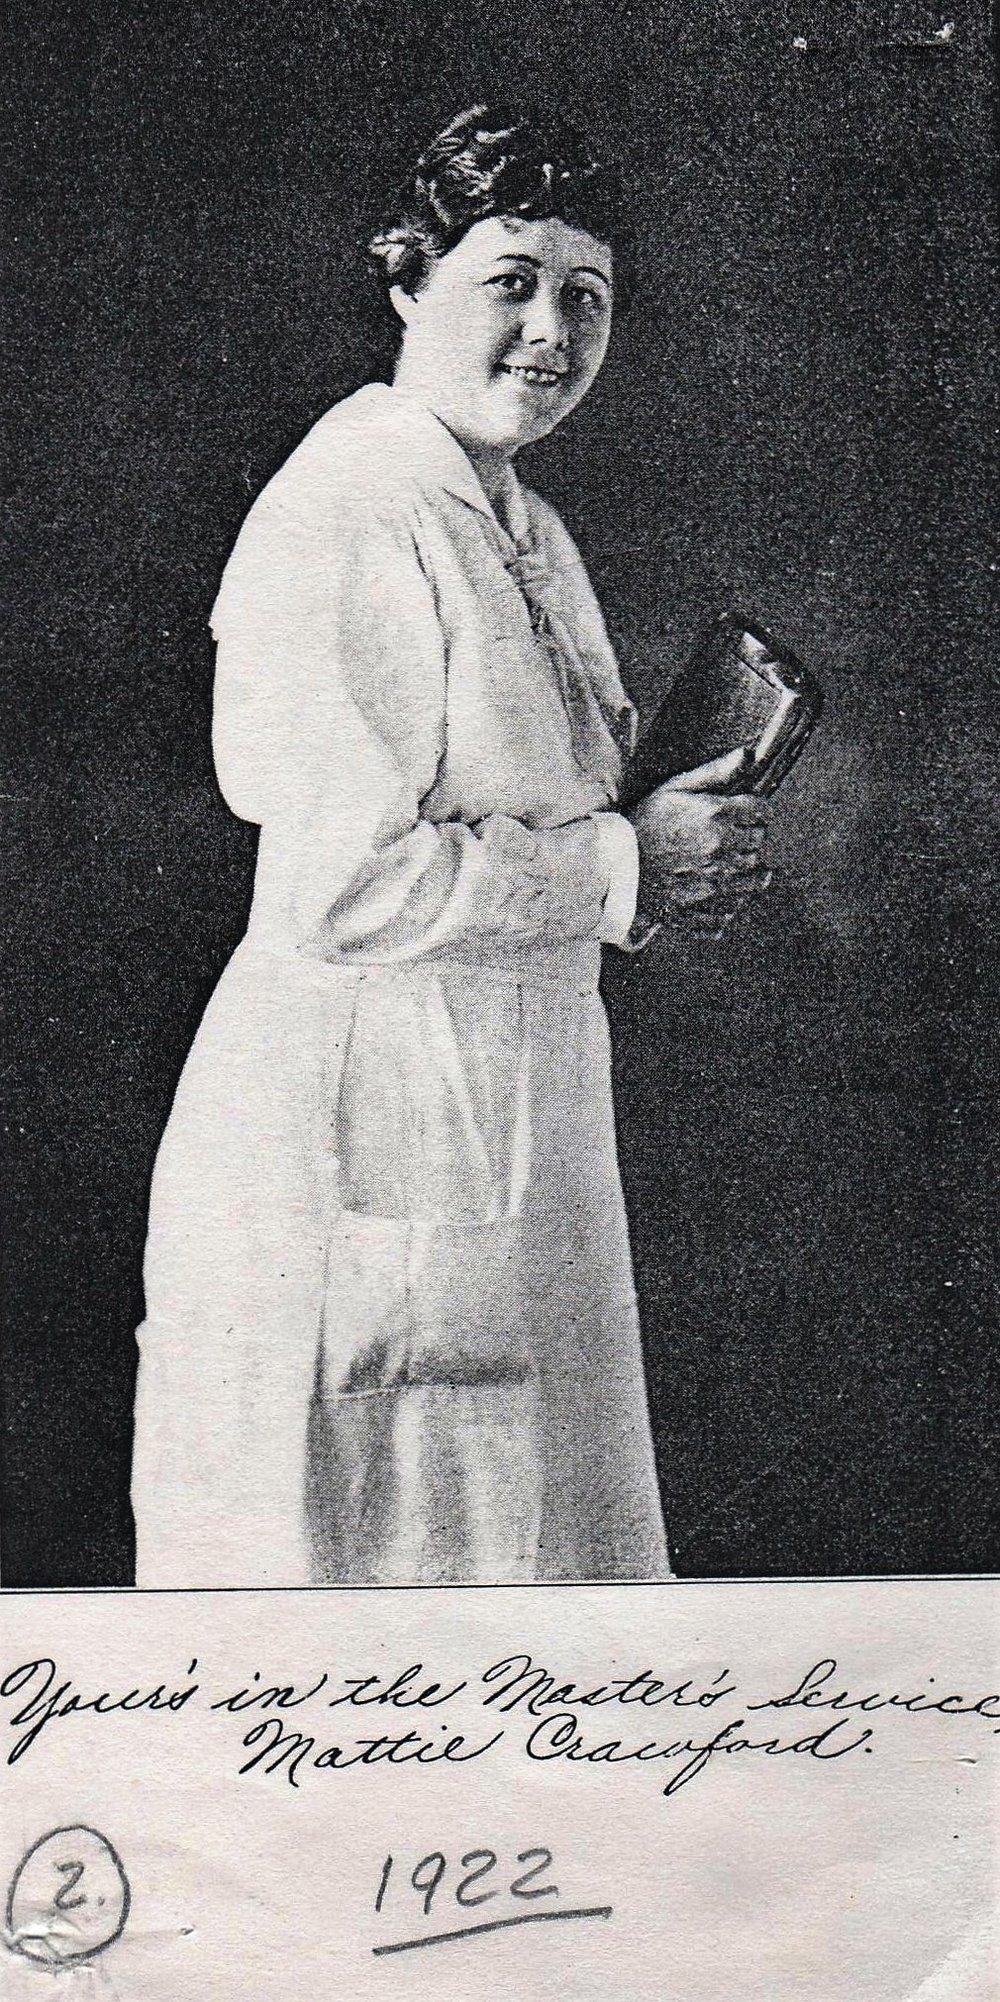 Evangelist Mattie Crawford